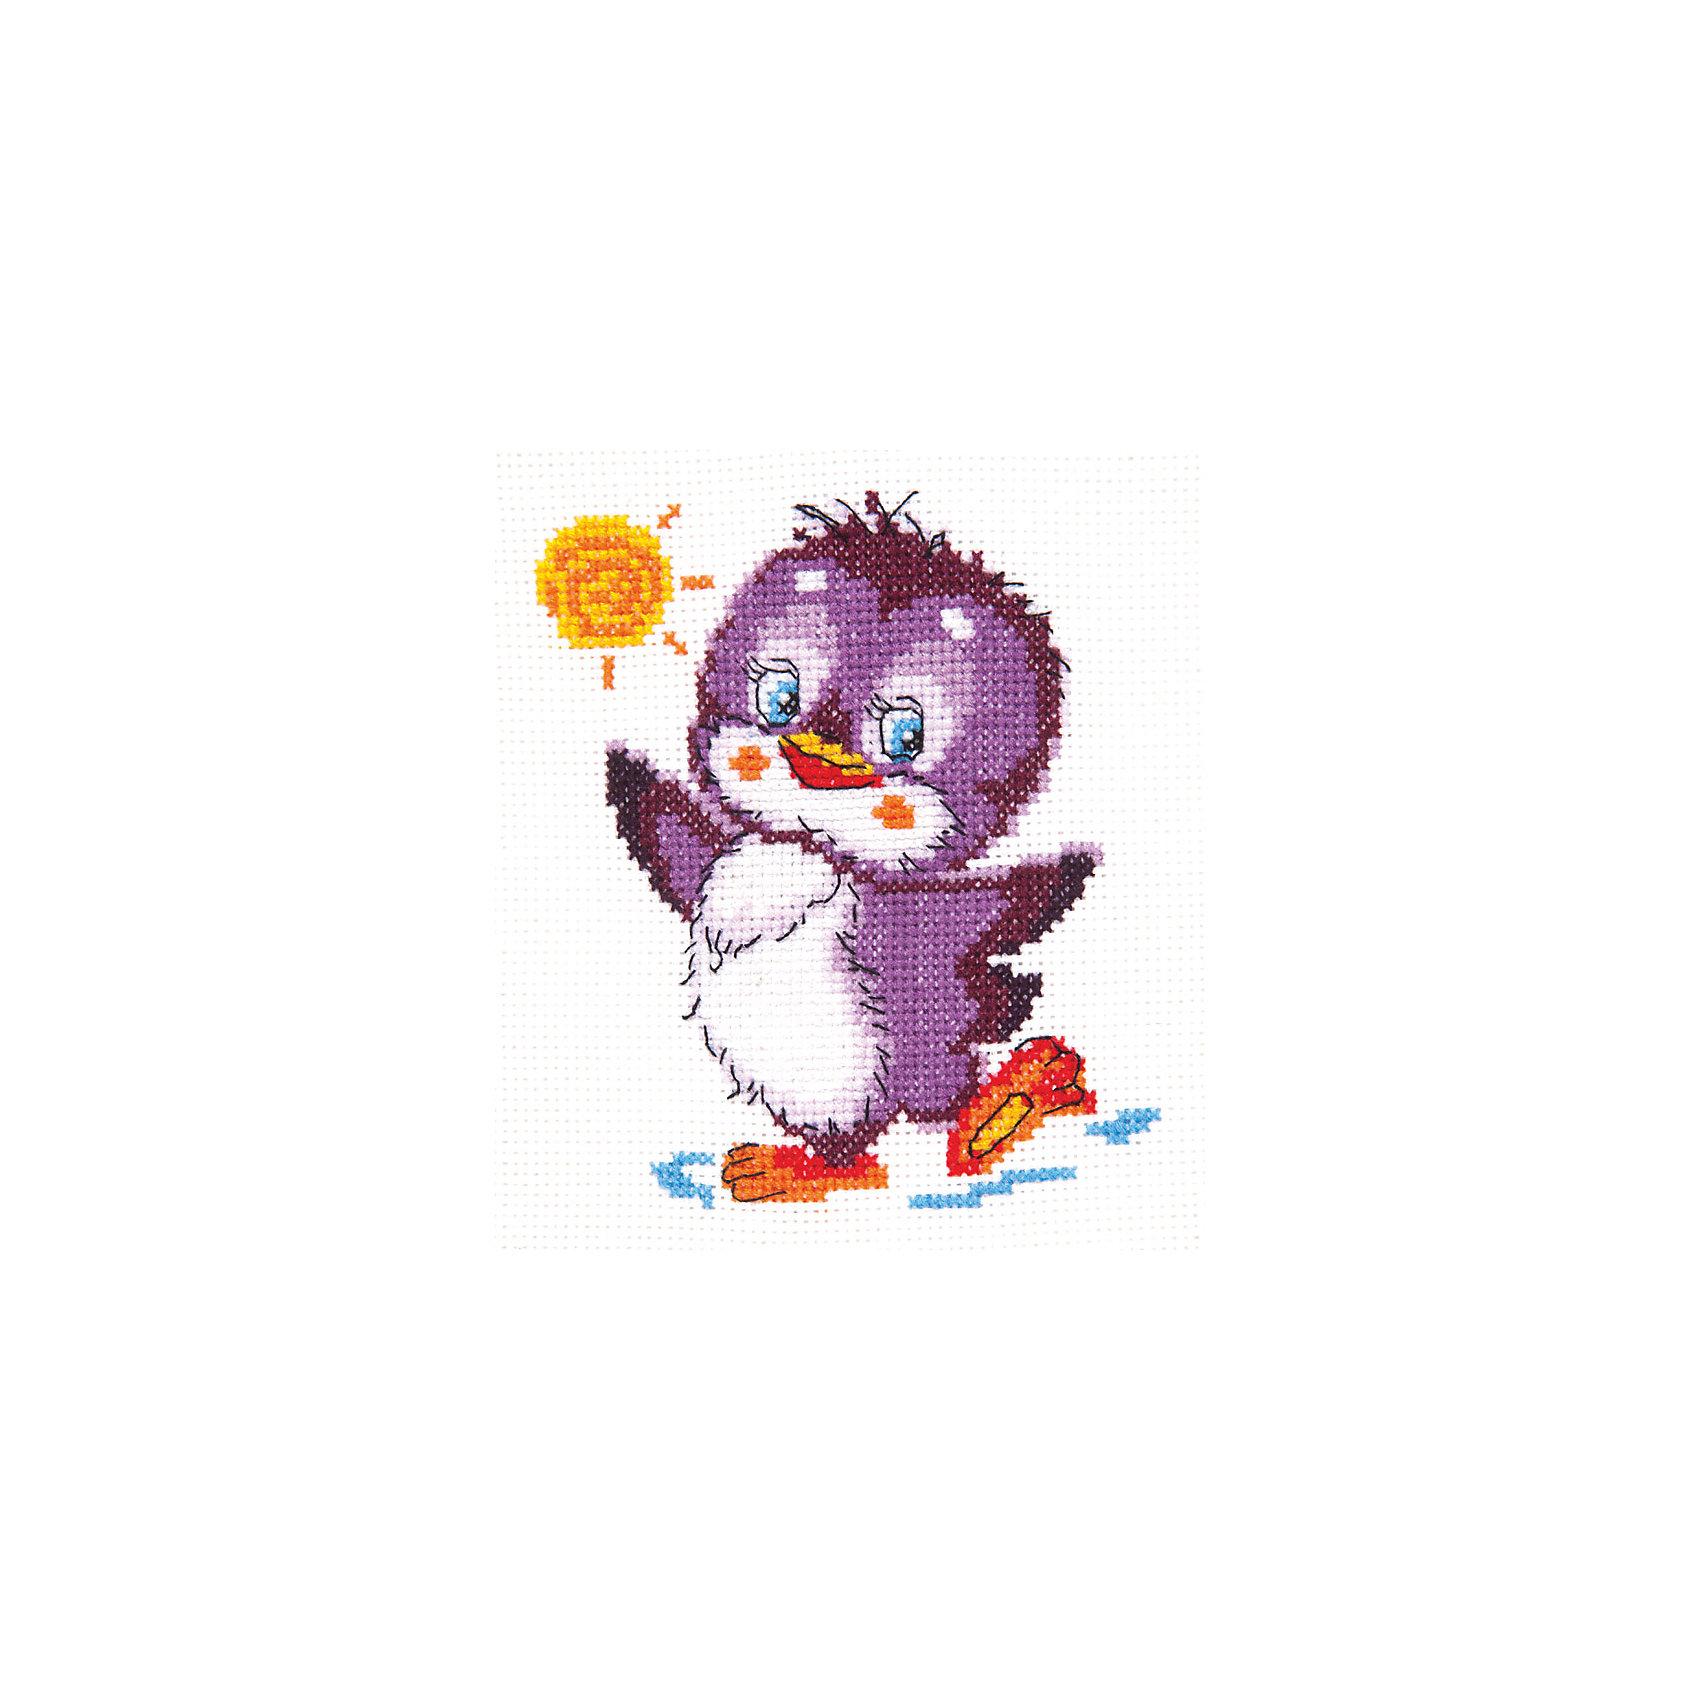 Чудесная игла Набор для вышивания крестом «Крошка пингвиненок» набор для вышивания крестом luca s дневной котенок 5 5 х 10 см